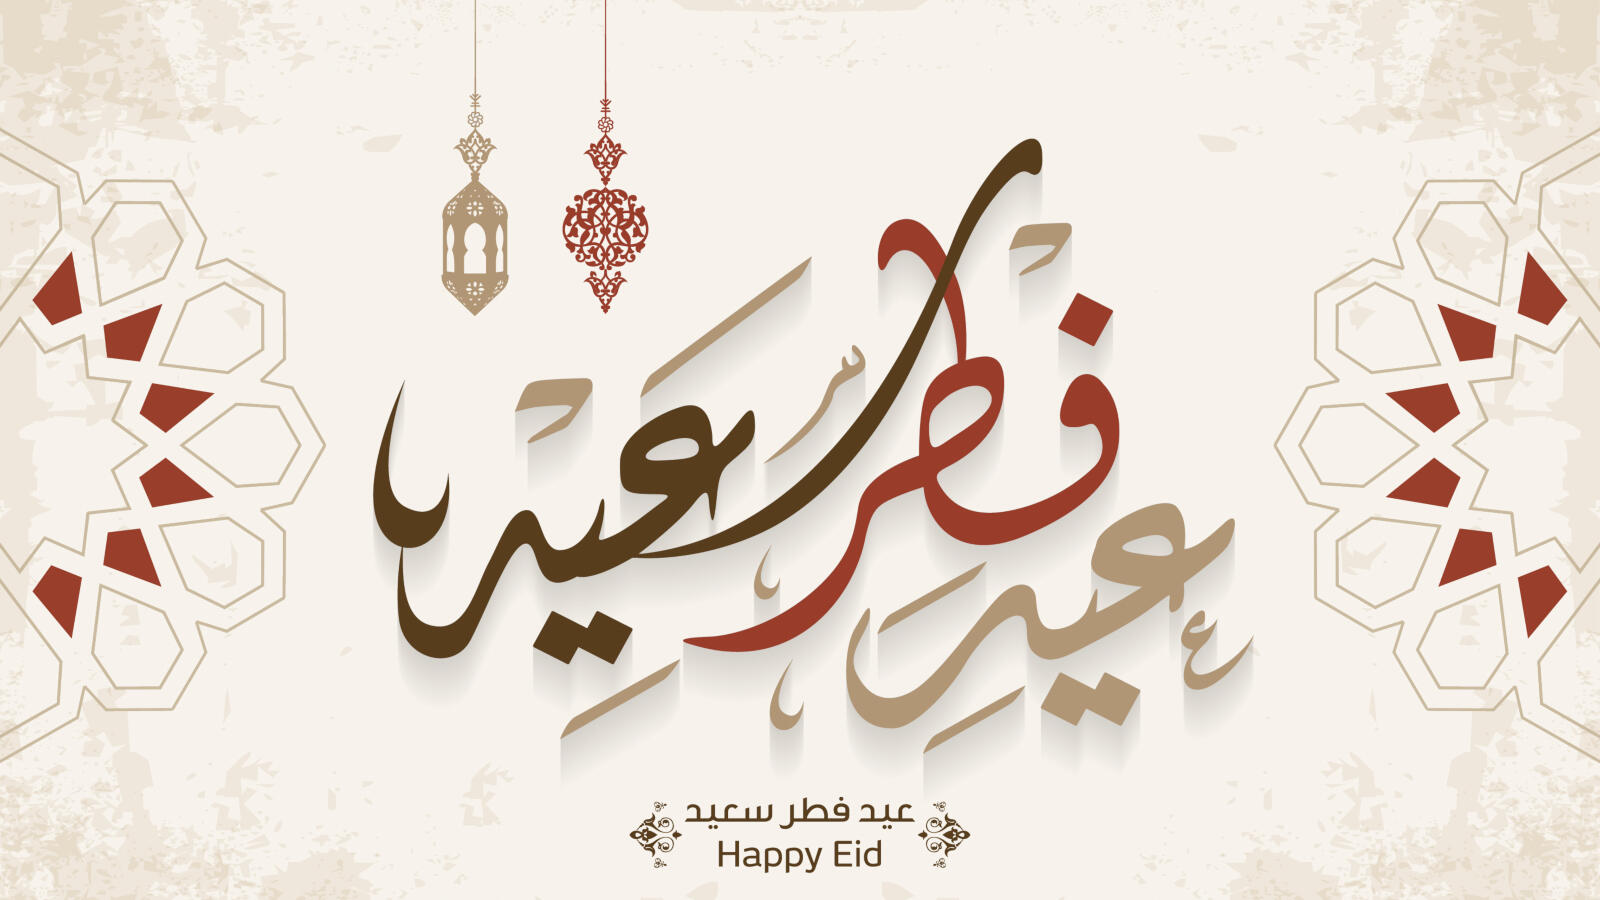 البحوث الفلكية تعلن موعد أول أيام عيد الفطر 2021 في مصر والسعودية وعدد أيام شهر رمضان وغرة شهر شوال 3